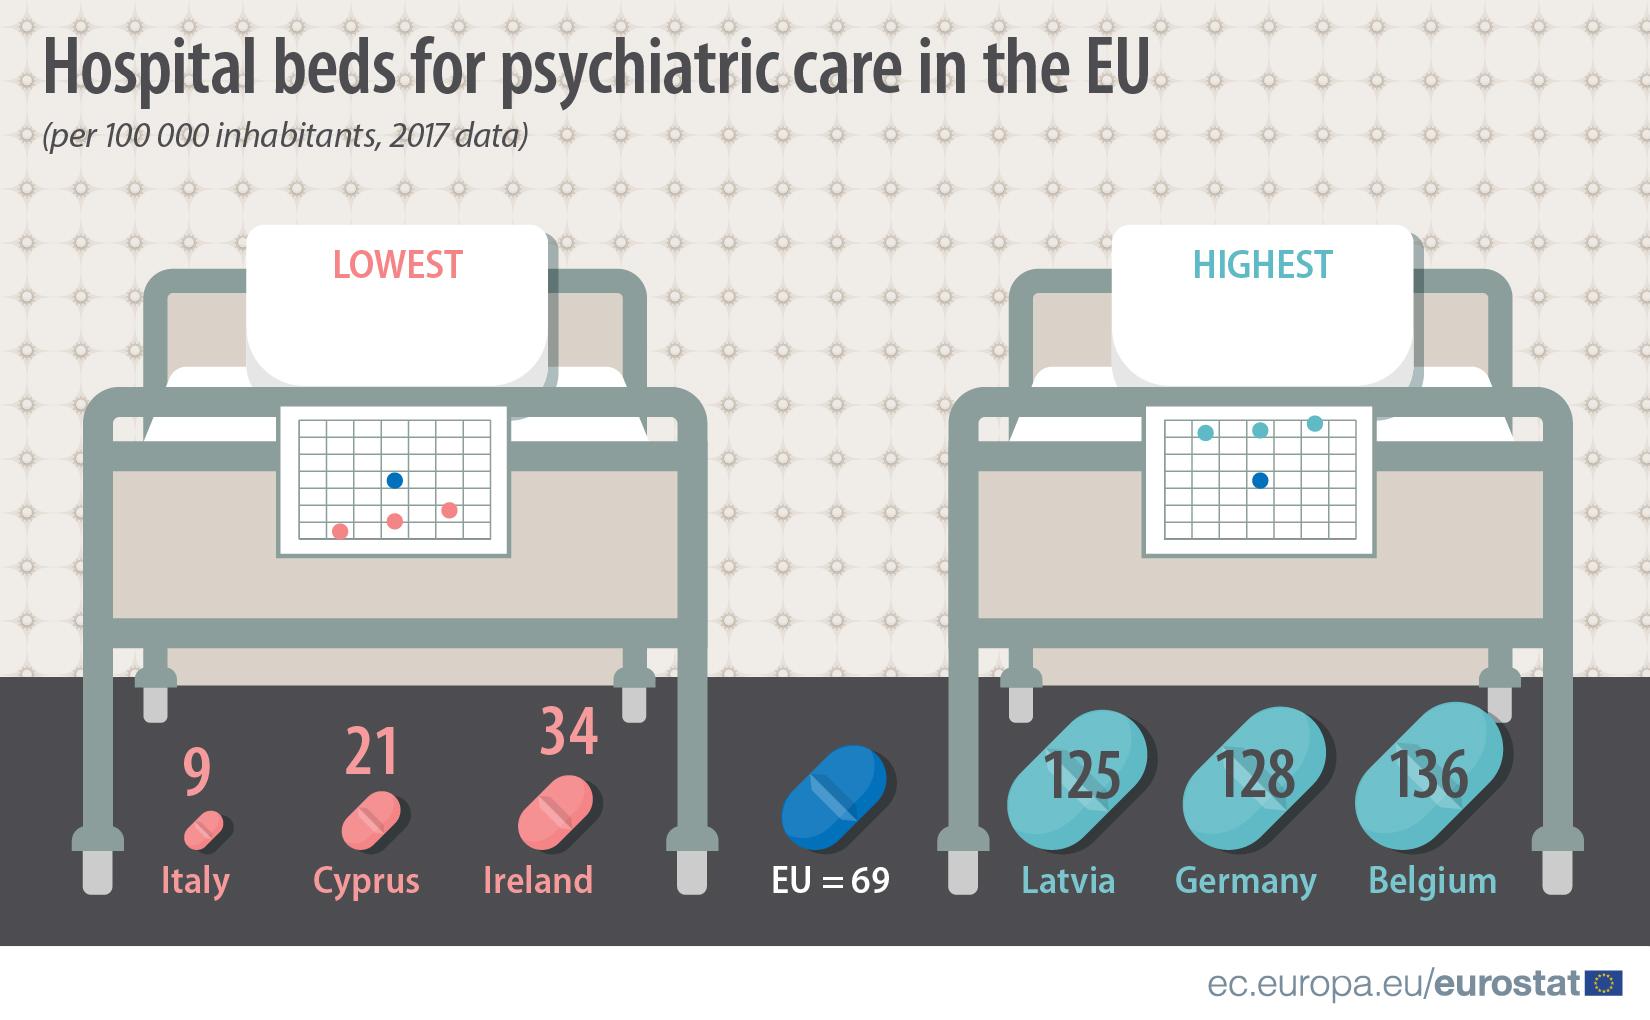 Psychiatric beds in the EU, 2017